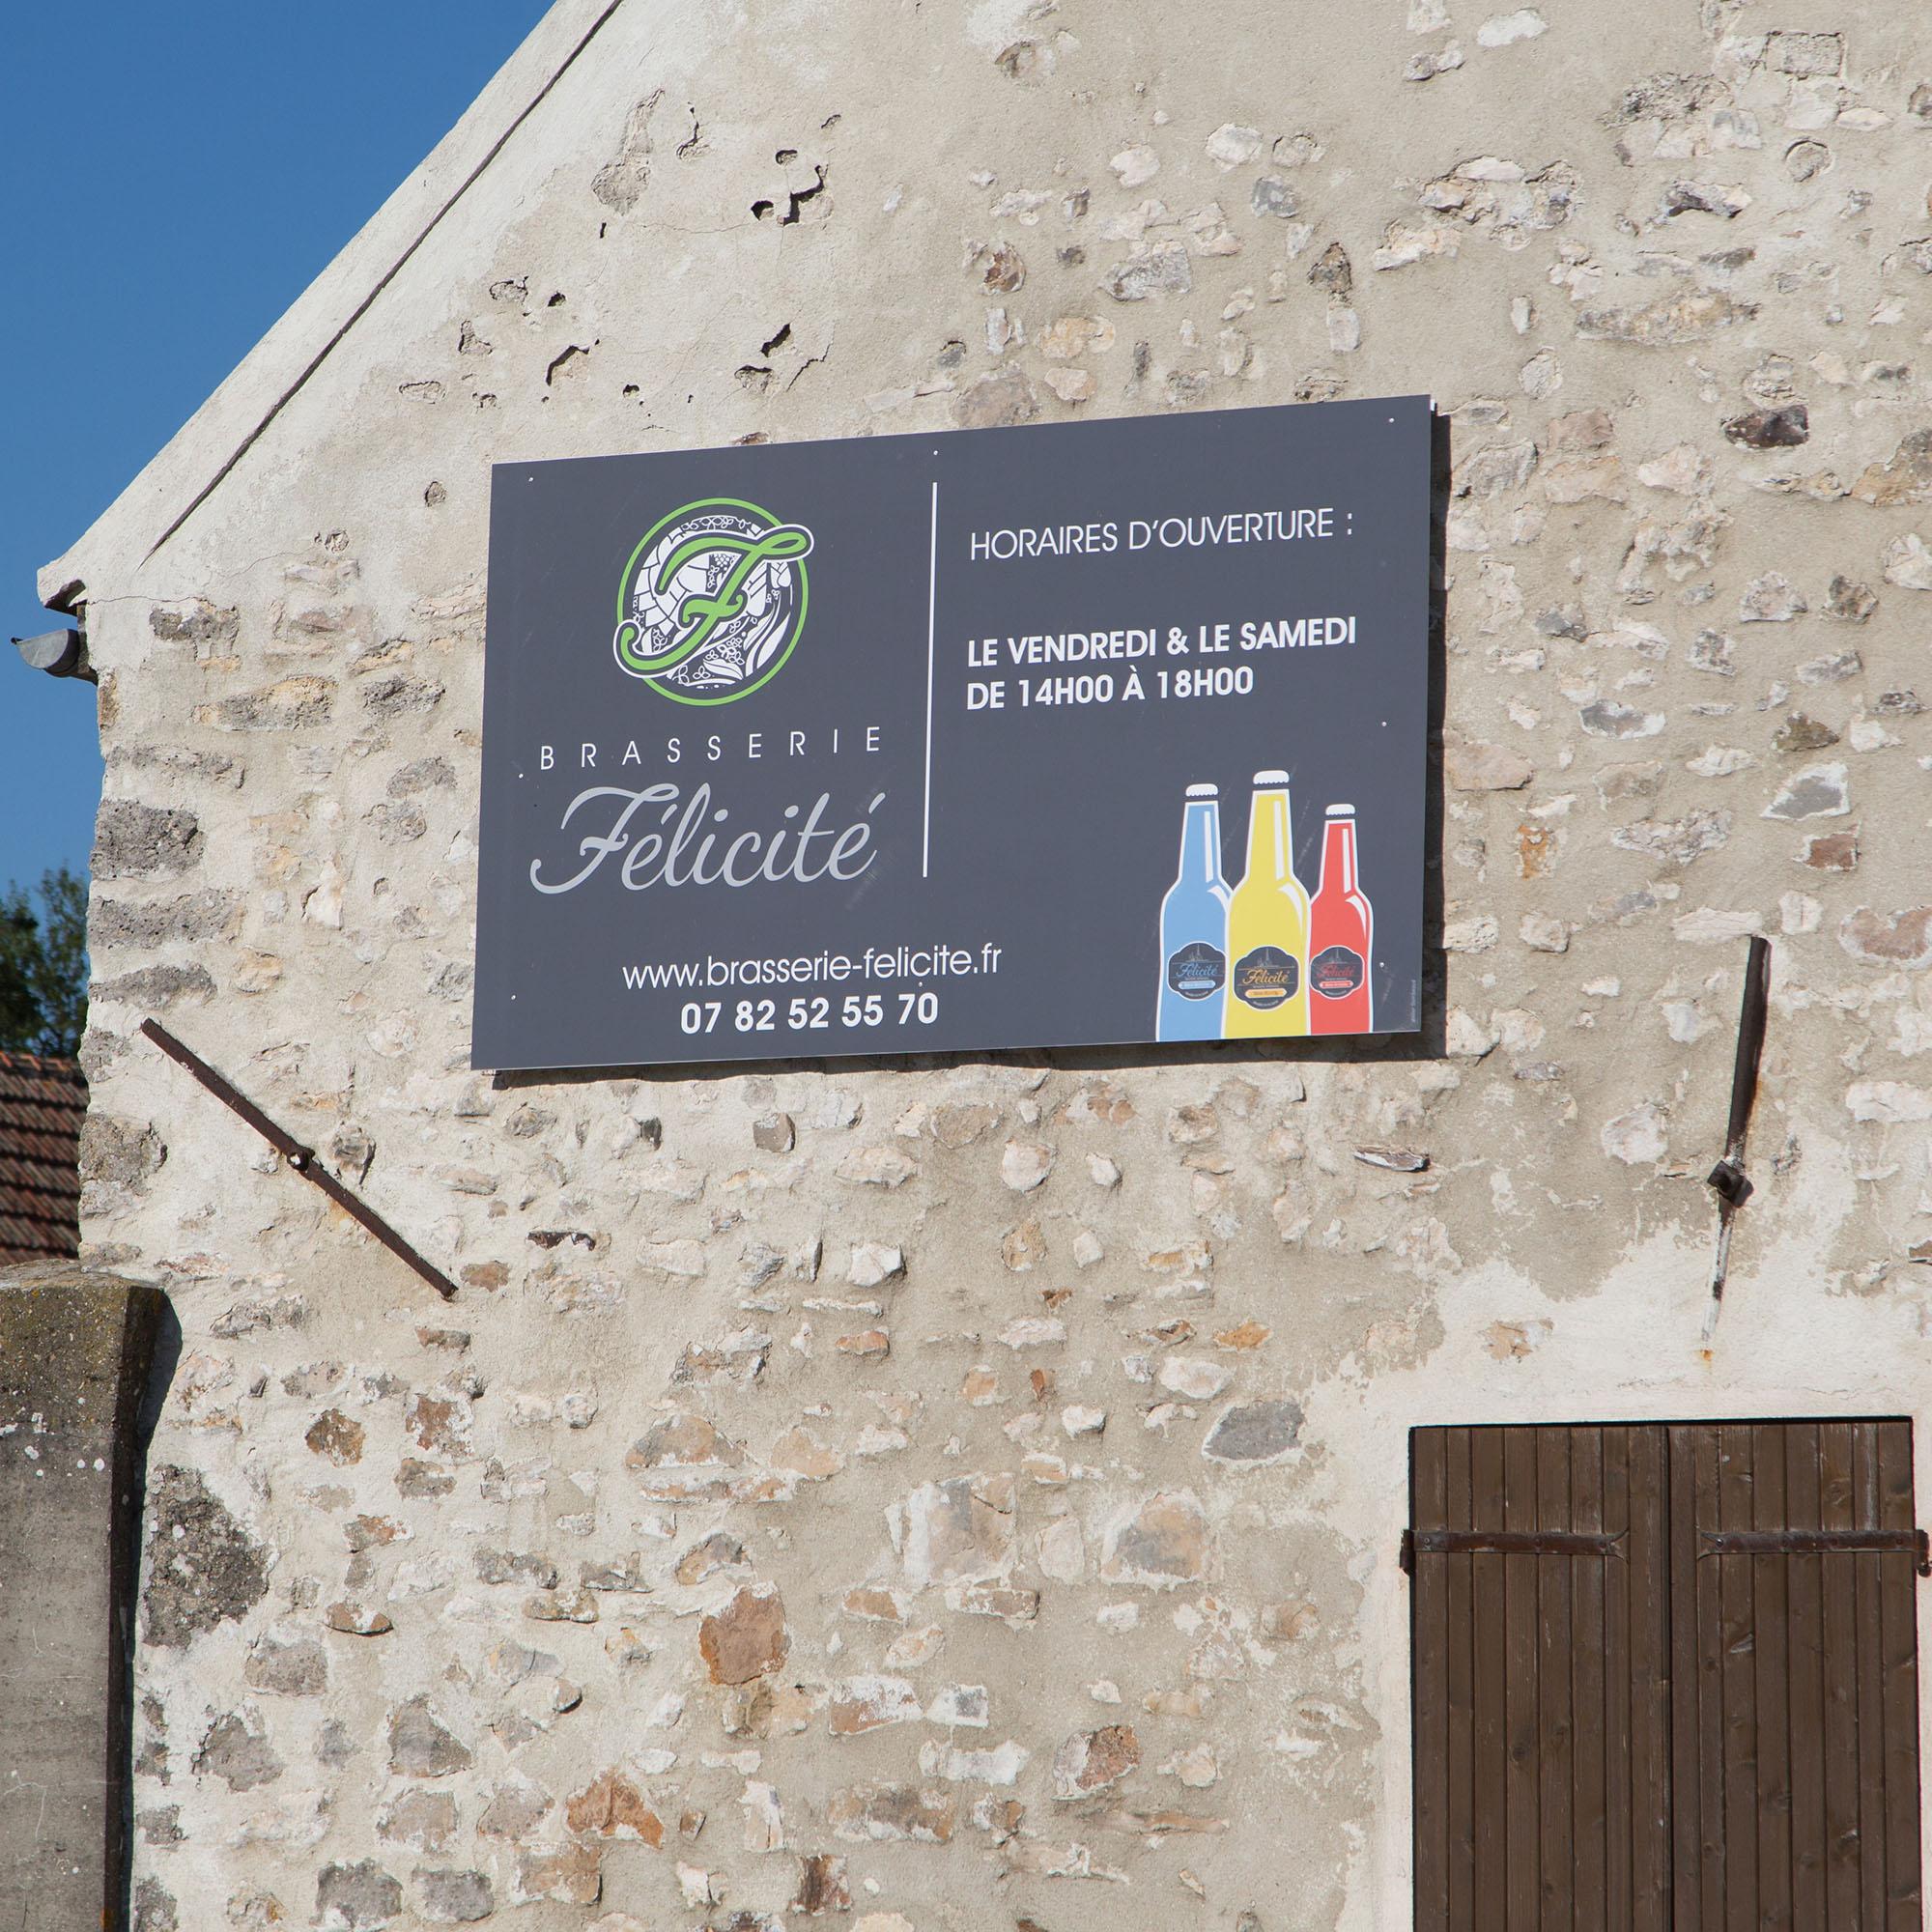 brasserie_félicité_Montagny-Sainte-Félicité_gîte_saint_germain_oise_versignyab